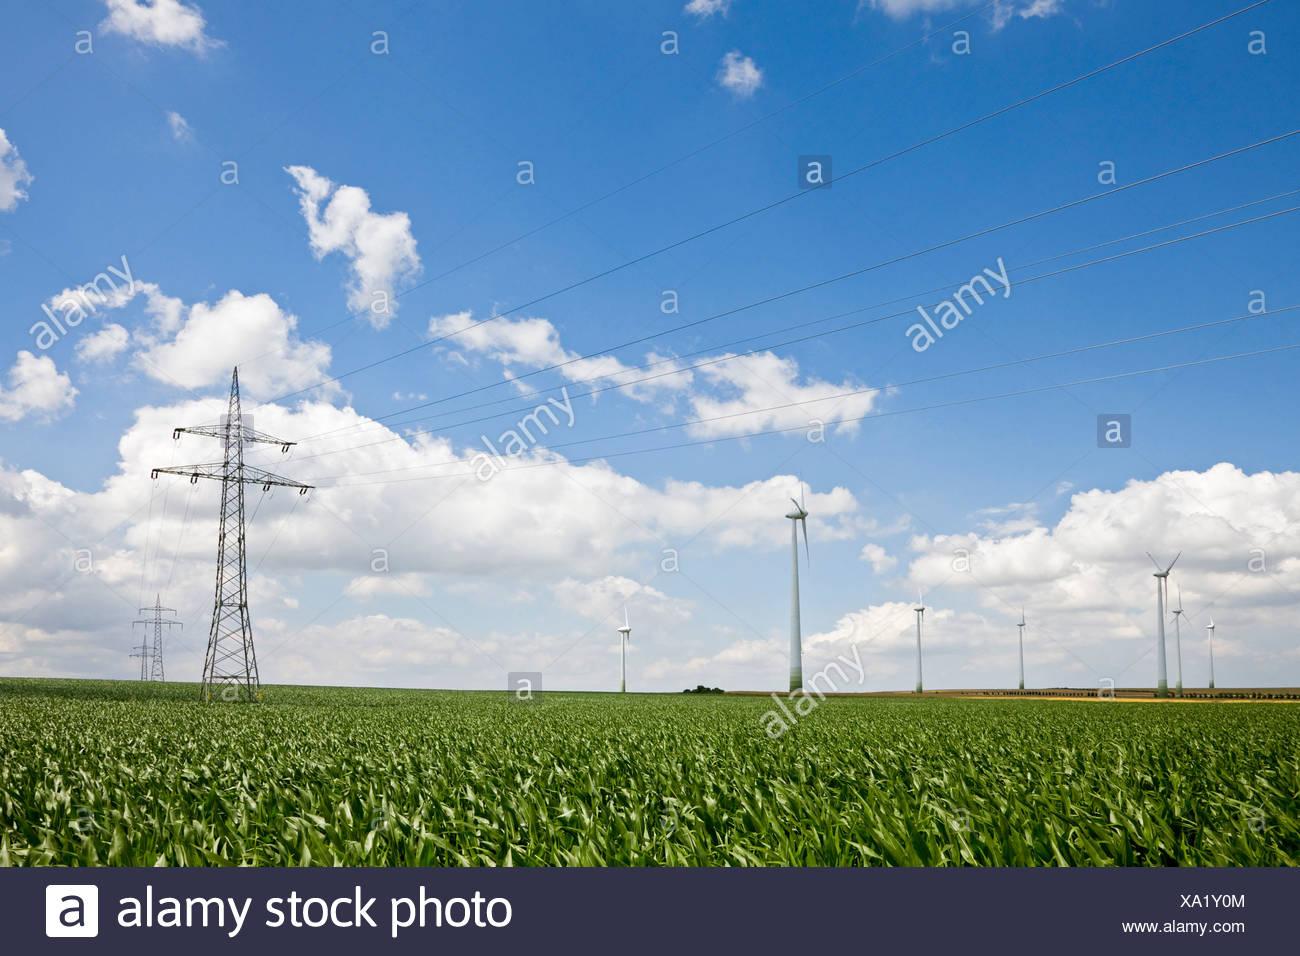 Deutschland, Sachsen-Anhalt, Bereich von Windkraftanlagen und Strommasten Stockbild